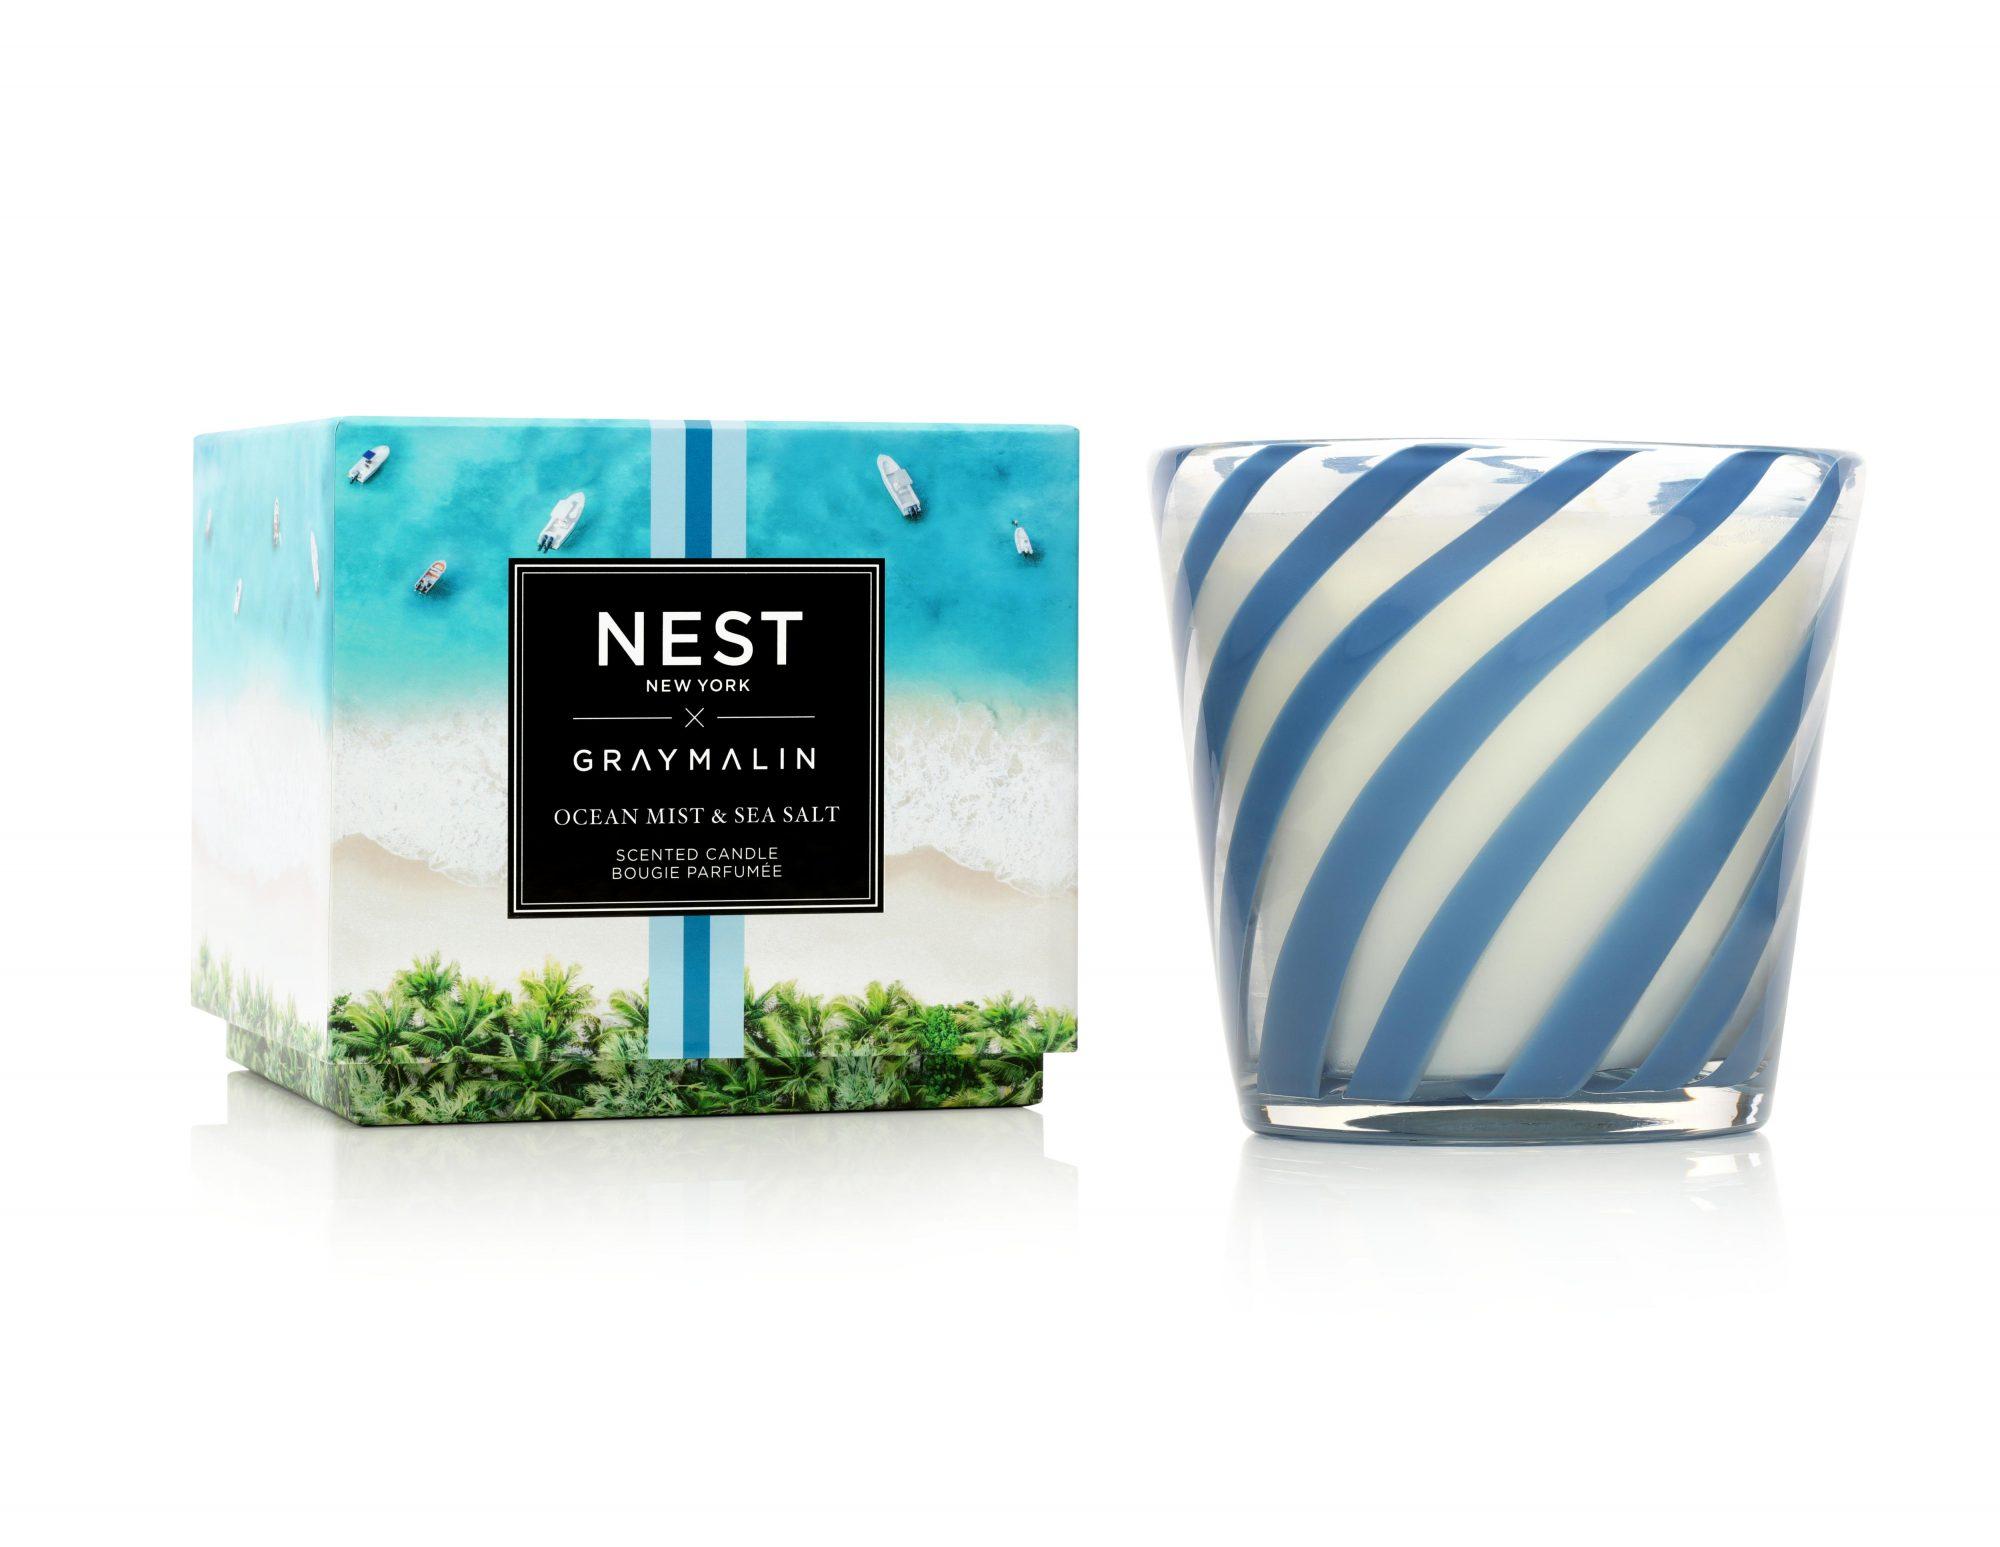 Productos con aroma que transporta vacaciones